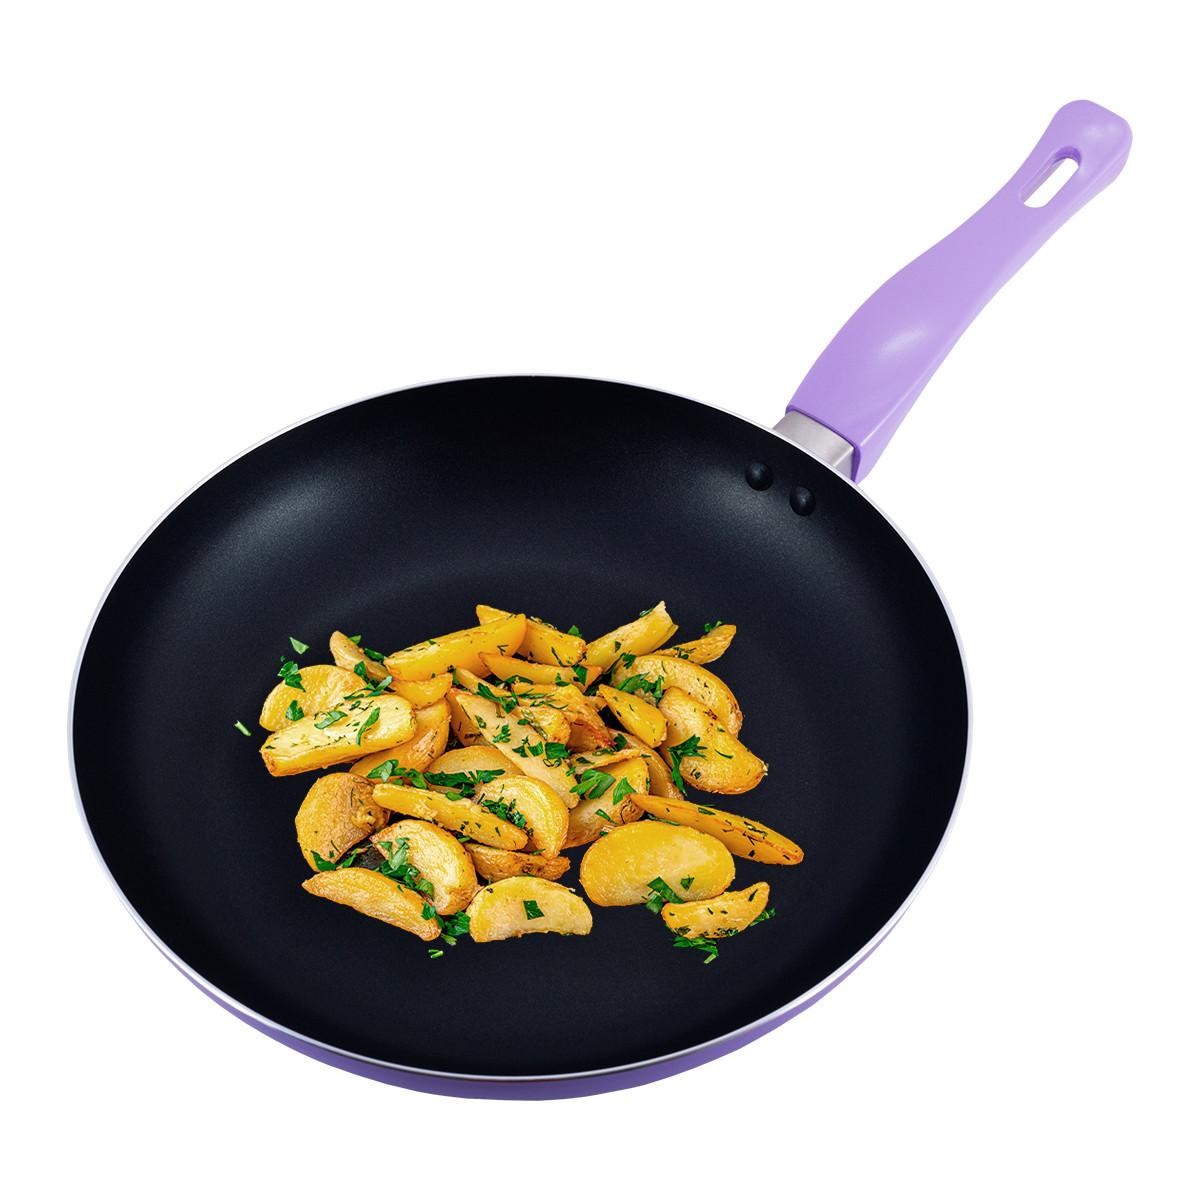 Сковорода Kamille Бузковий 28см з антипригарним покриттям без кришки для індукції і газу KM-4248AS